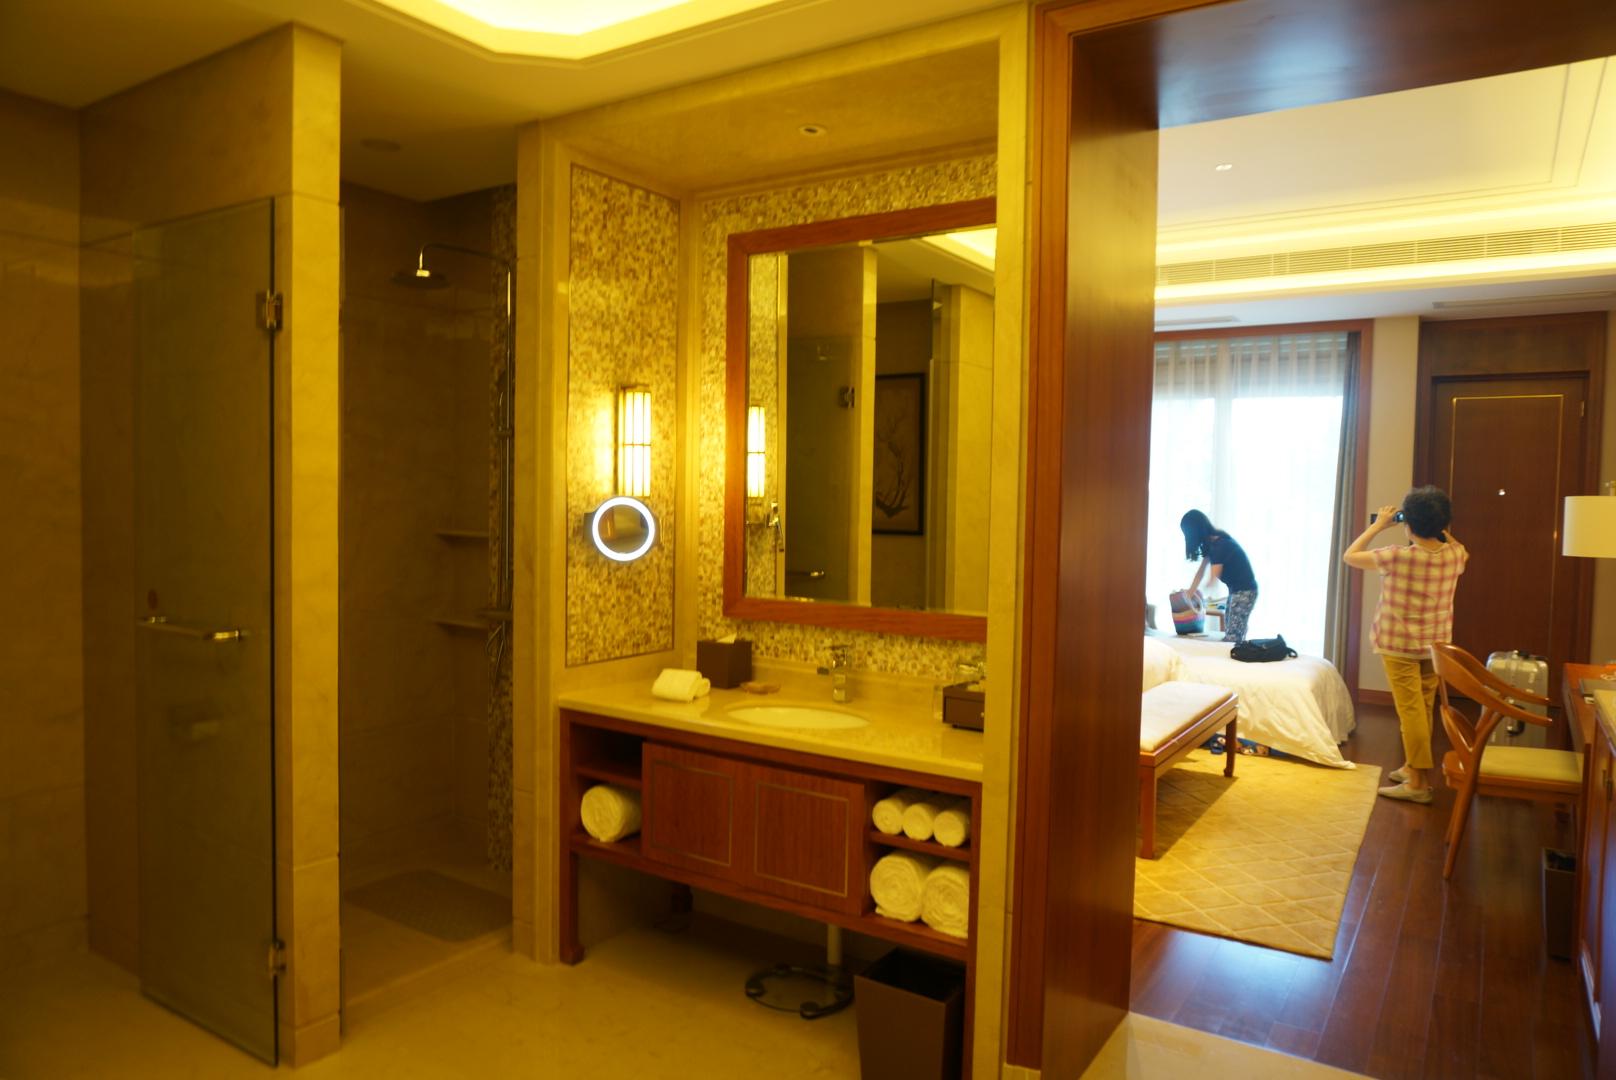 珠海万山岛静云山庄 洗手间超级大,有浴缸,开放式的,有些家庭如果图片